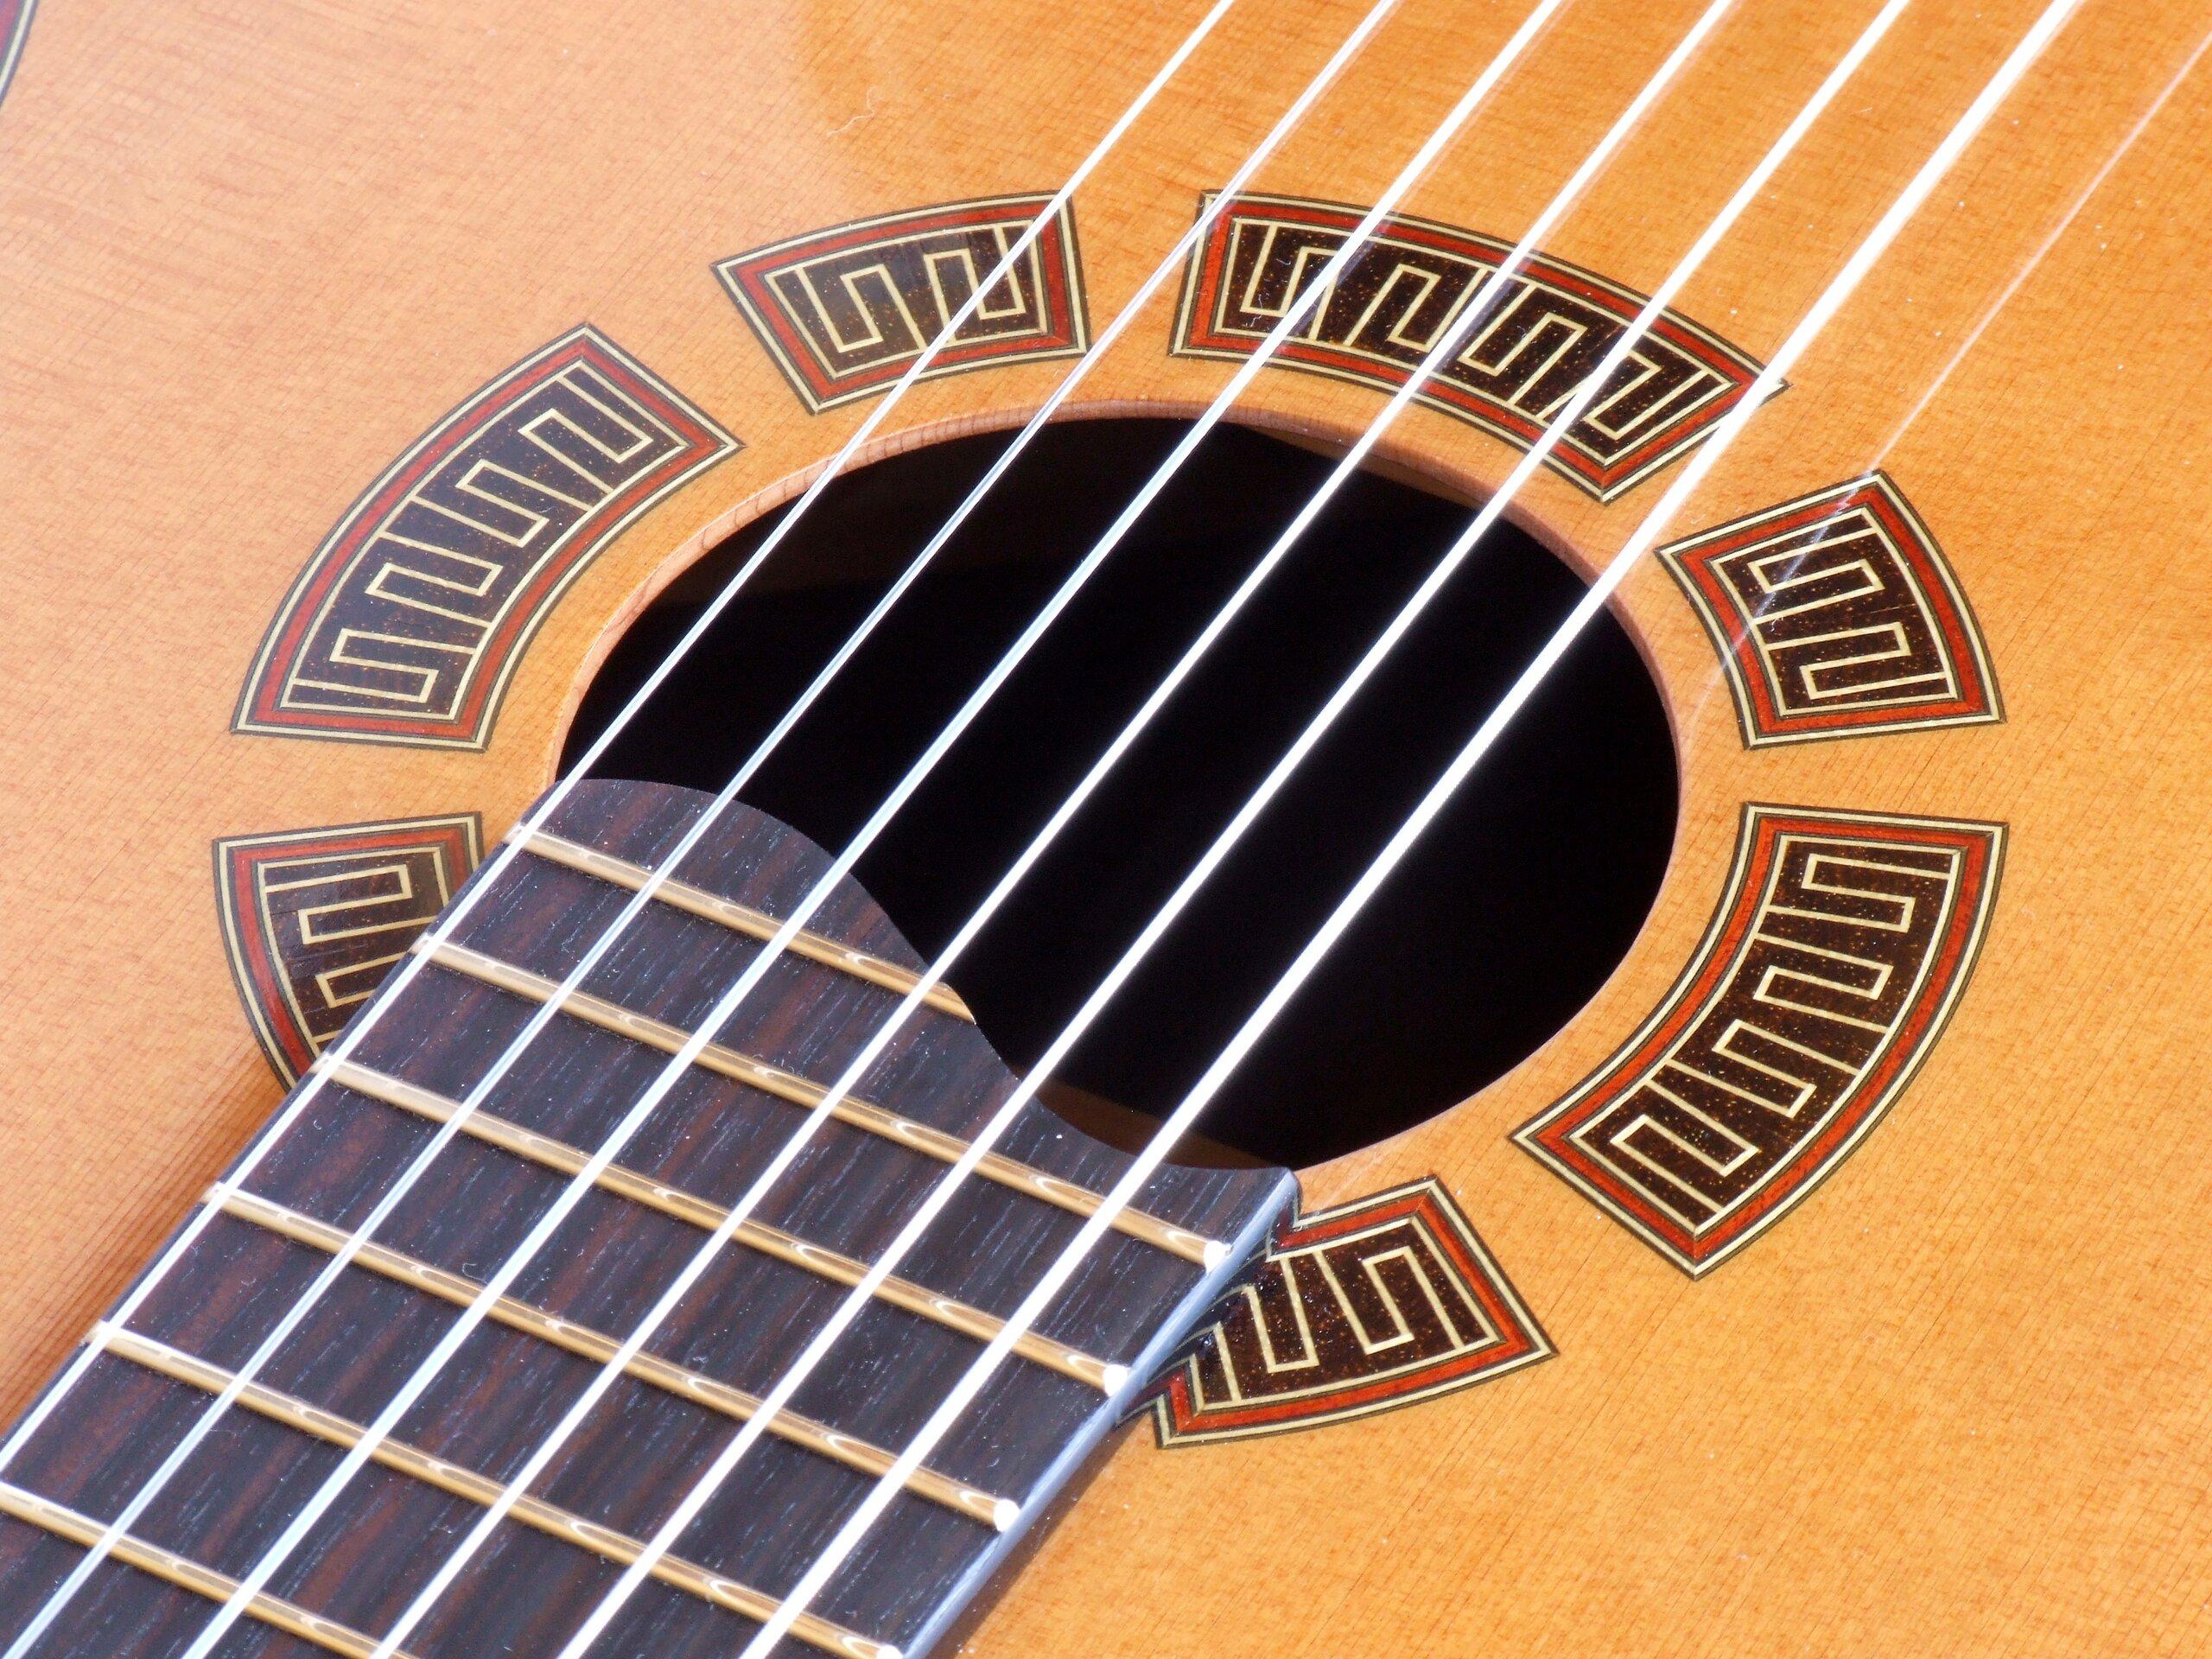 Detail of a semented rosette in a cedar classical guitar top